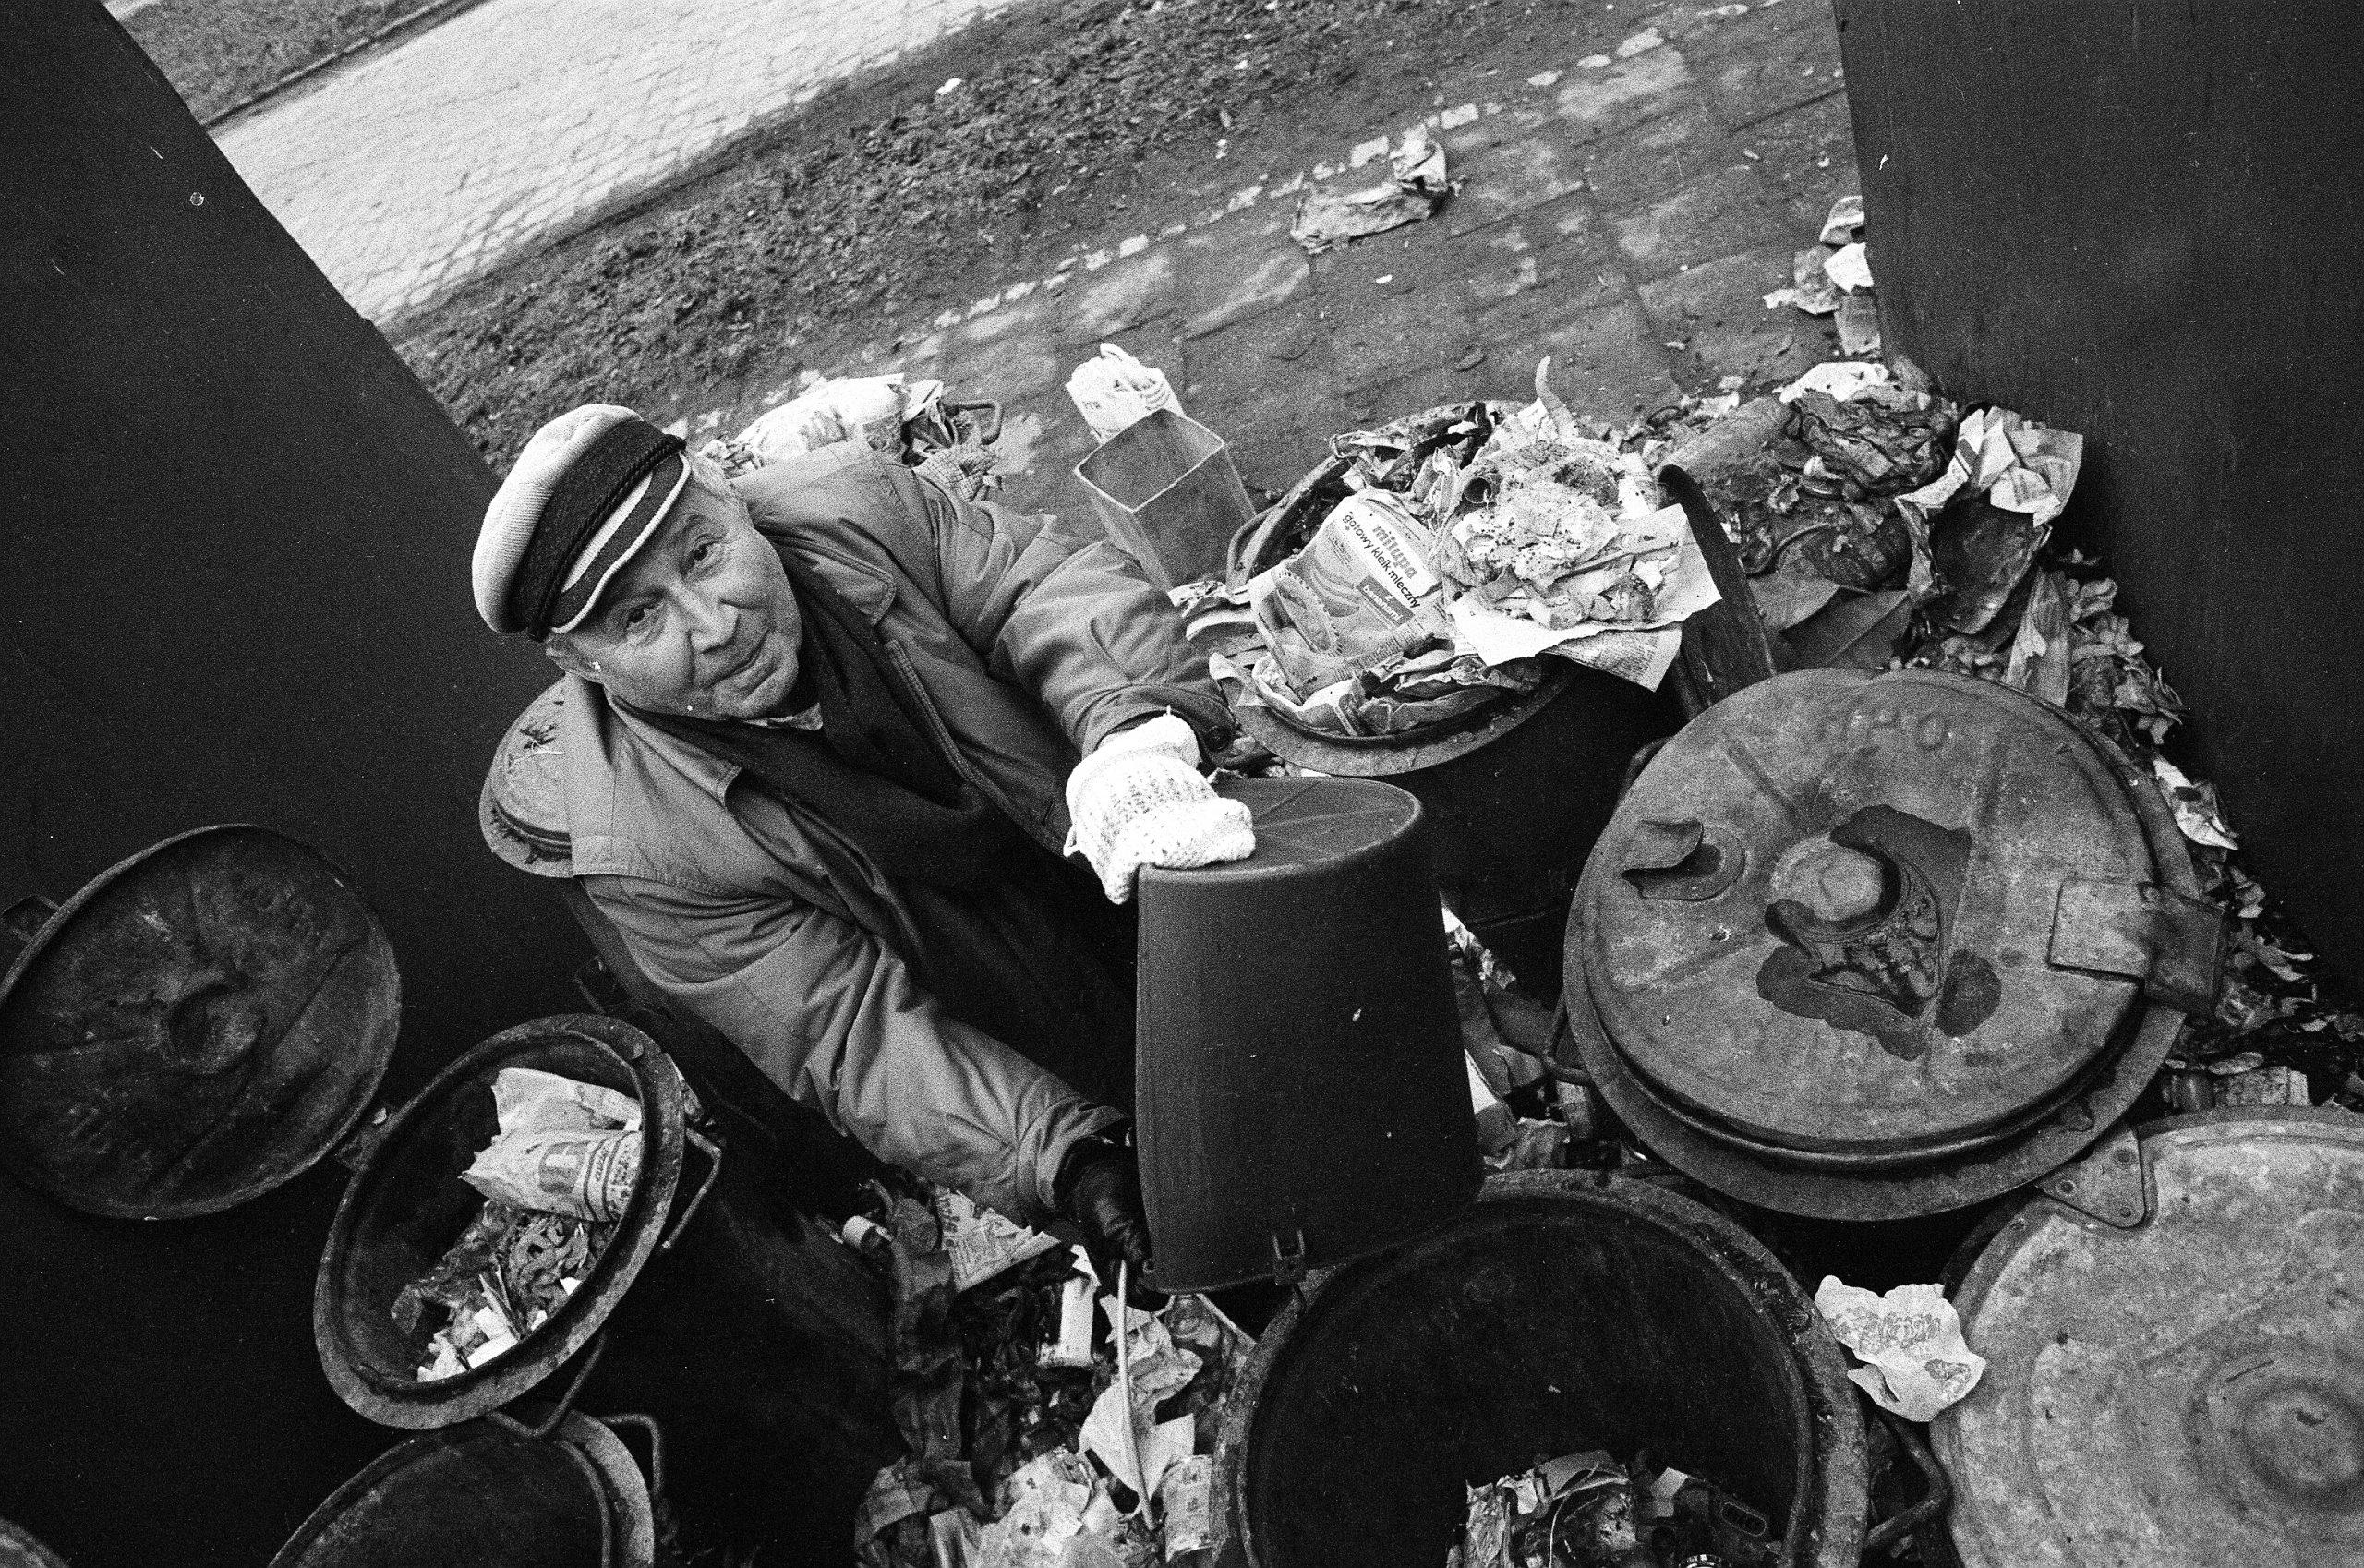 """Happening Tadeusza Różewicza """"Śmietnik"""" przy ul. Januszowickiej we Wrocławiu, 1989. Fot. Adam Hawałej"""